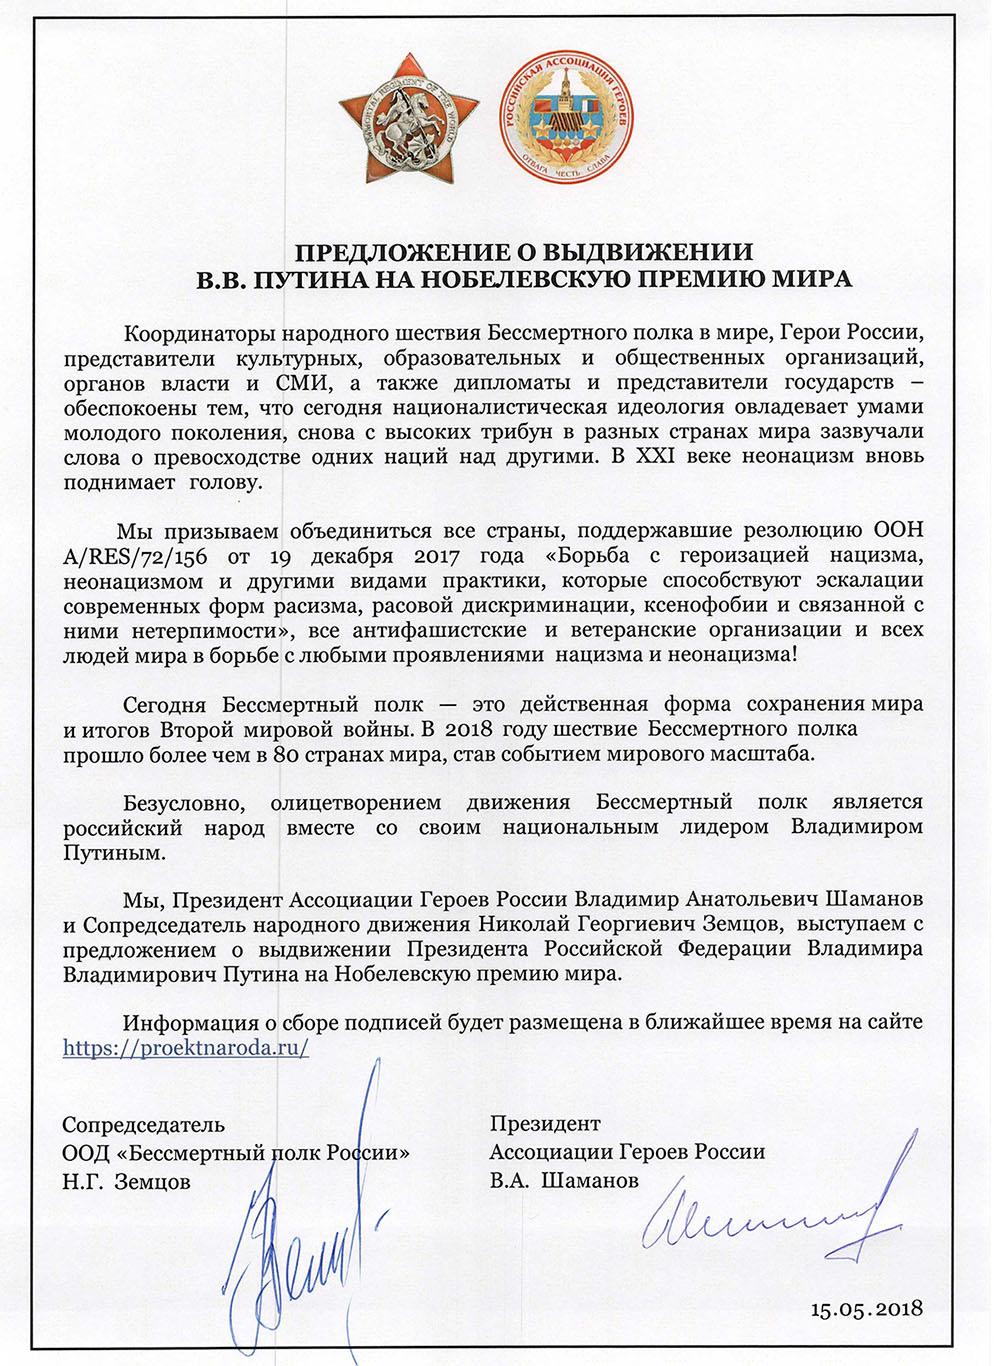 Предложение о выдвижении В.В. Путина на Нобелевскую премию мира